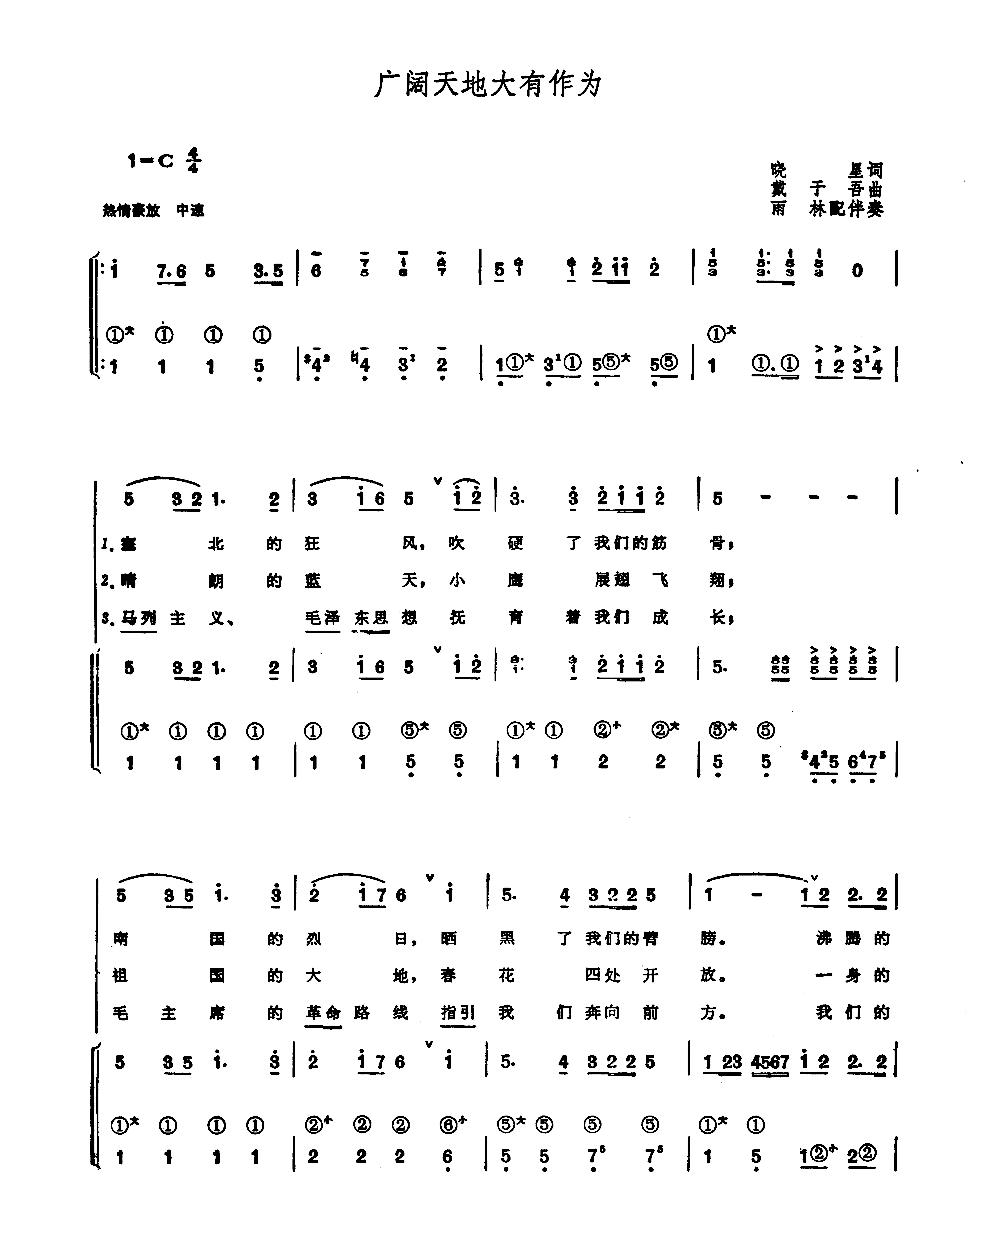 天之大的葫芦丝曲谱-广阔天地大有作为简谱 sycjsw制谱园地